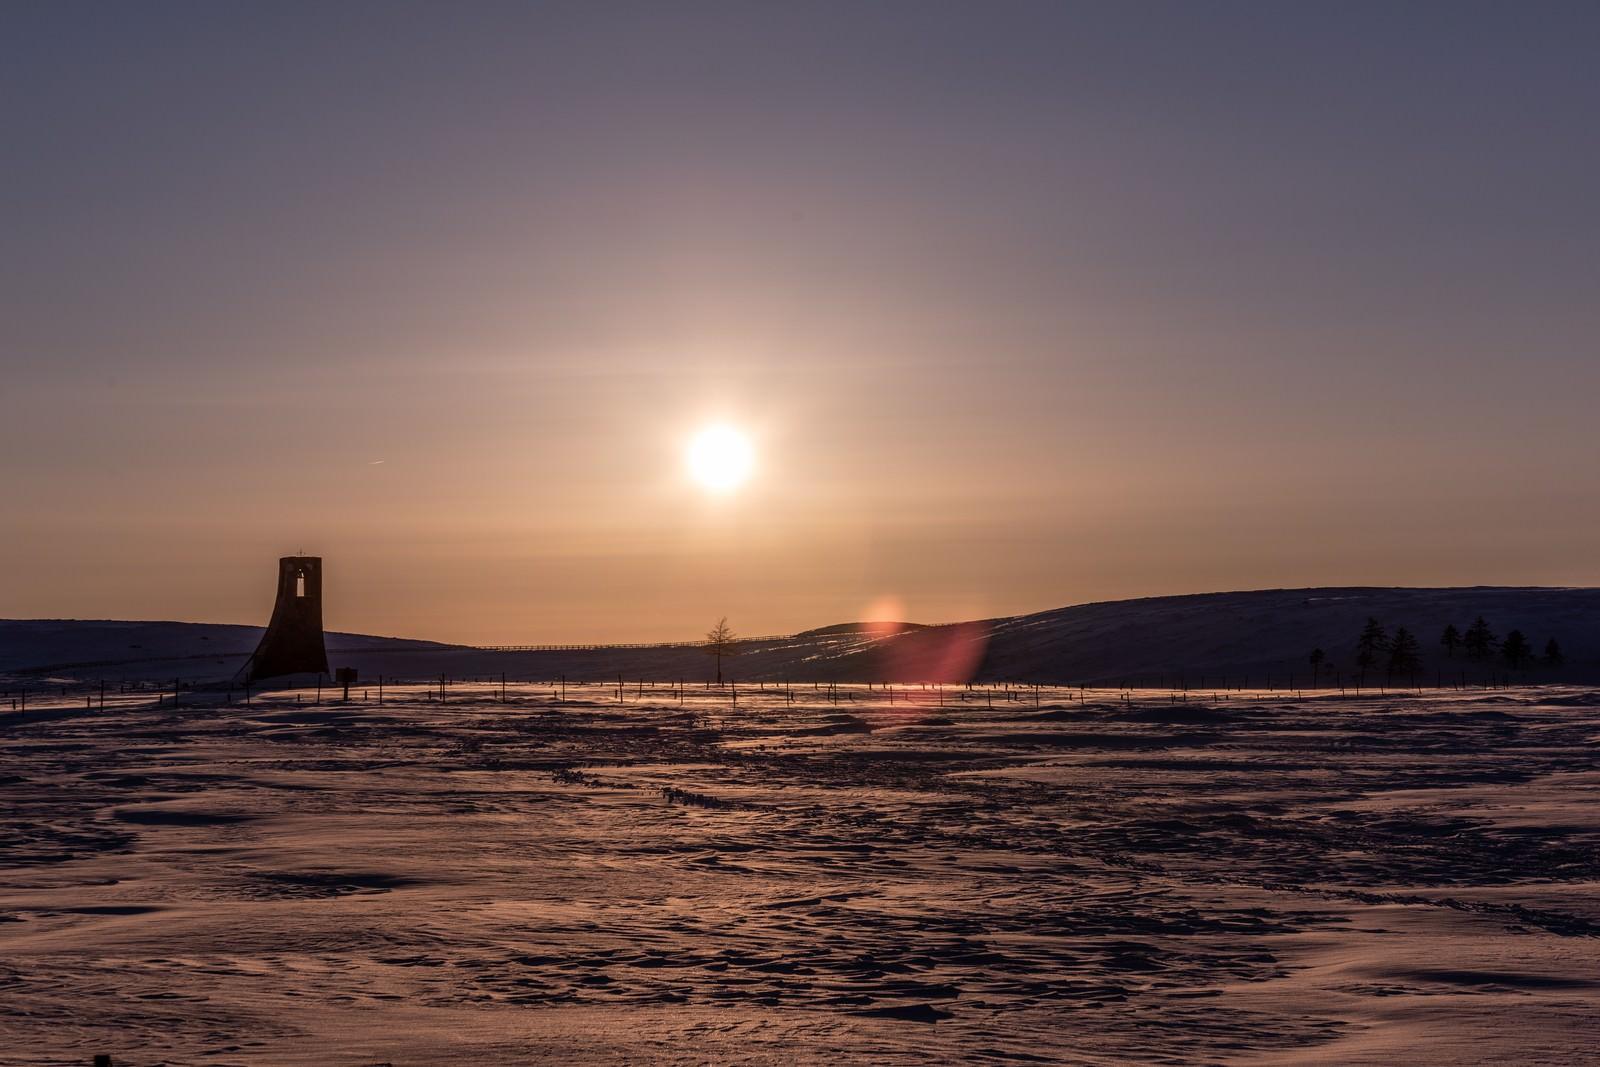 「夕暮れの雪原と避難塔」の写真